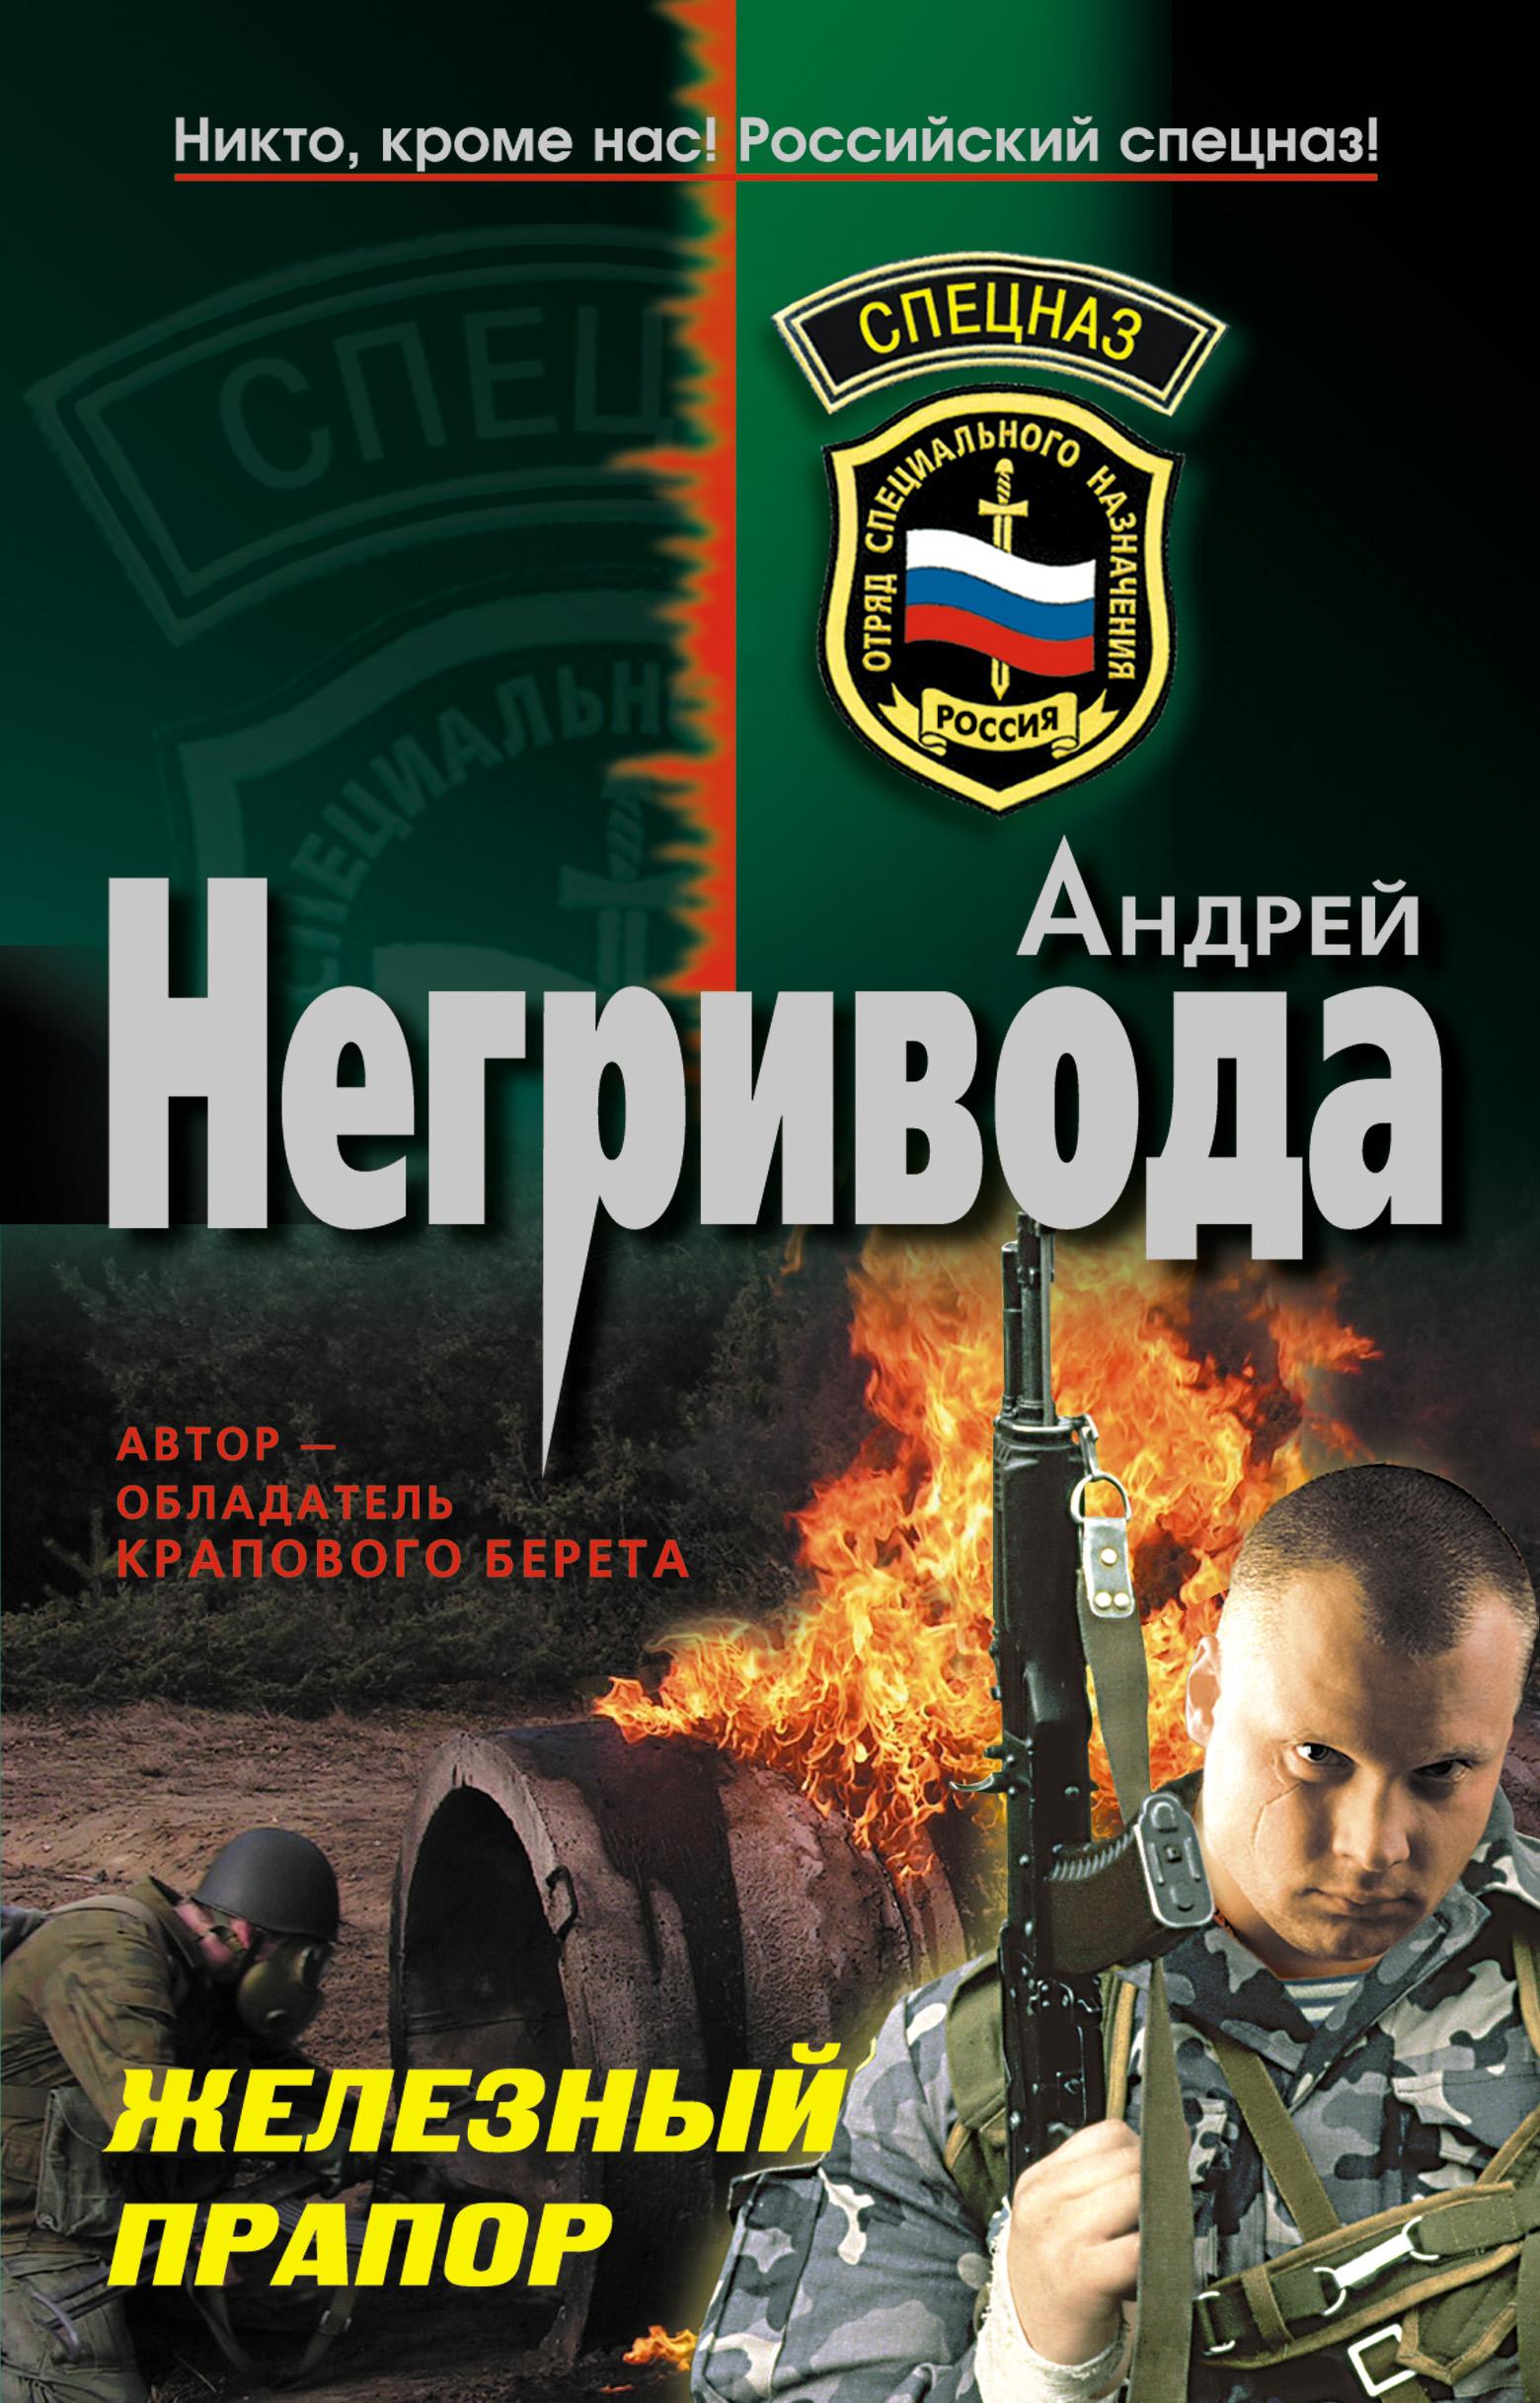 Андрей Негривода Железный прапор андрей негривода подвиг в прайс не забьешь